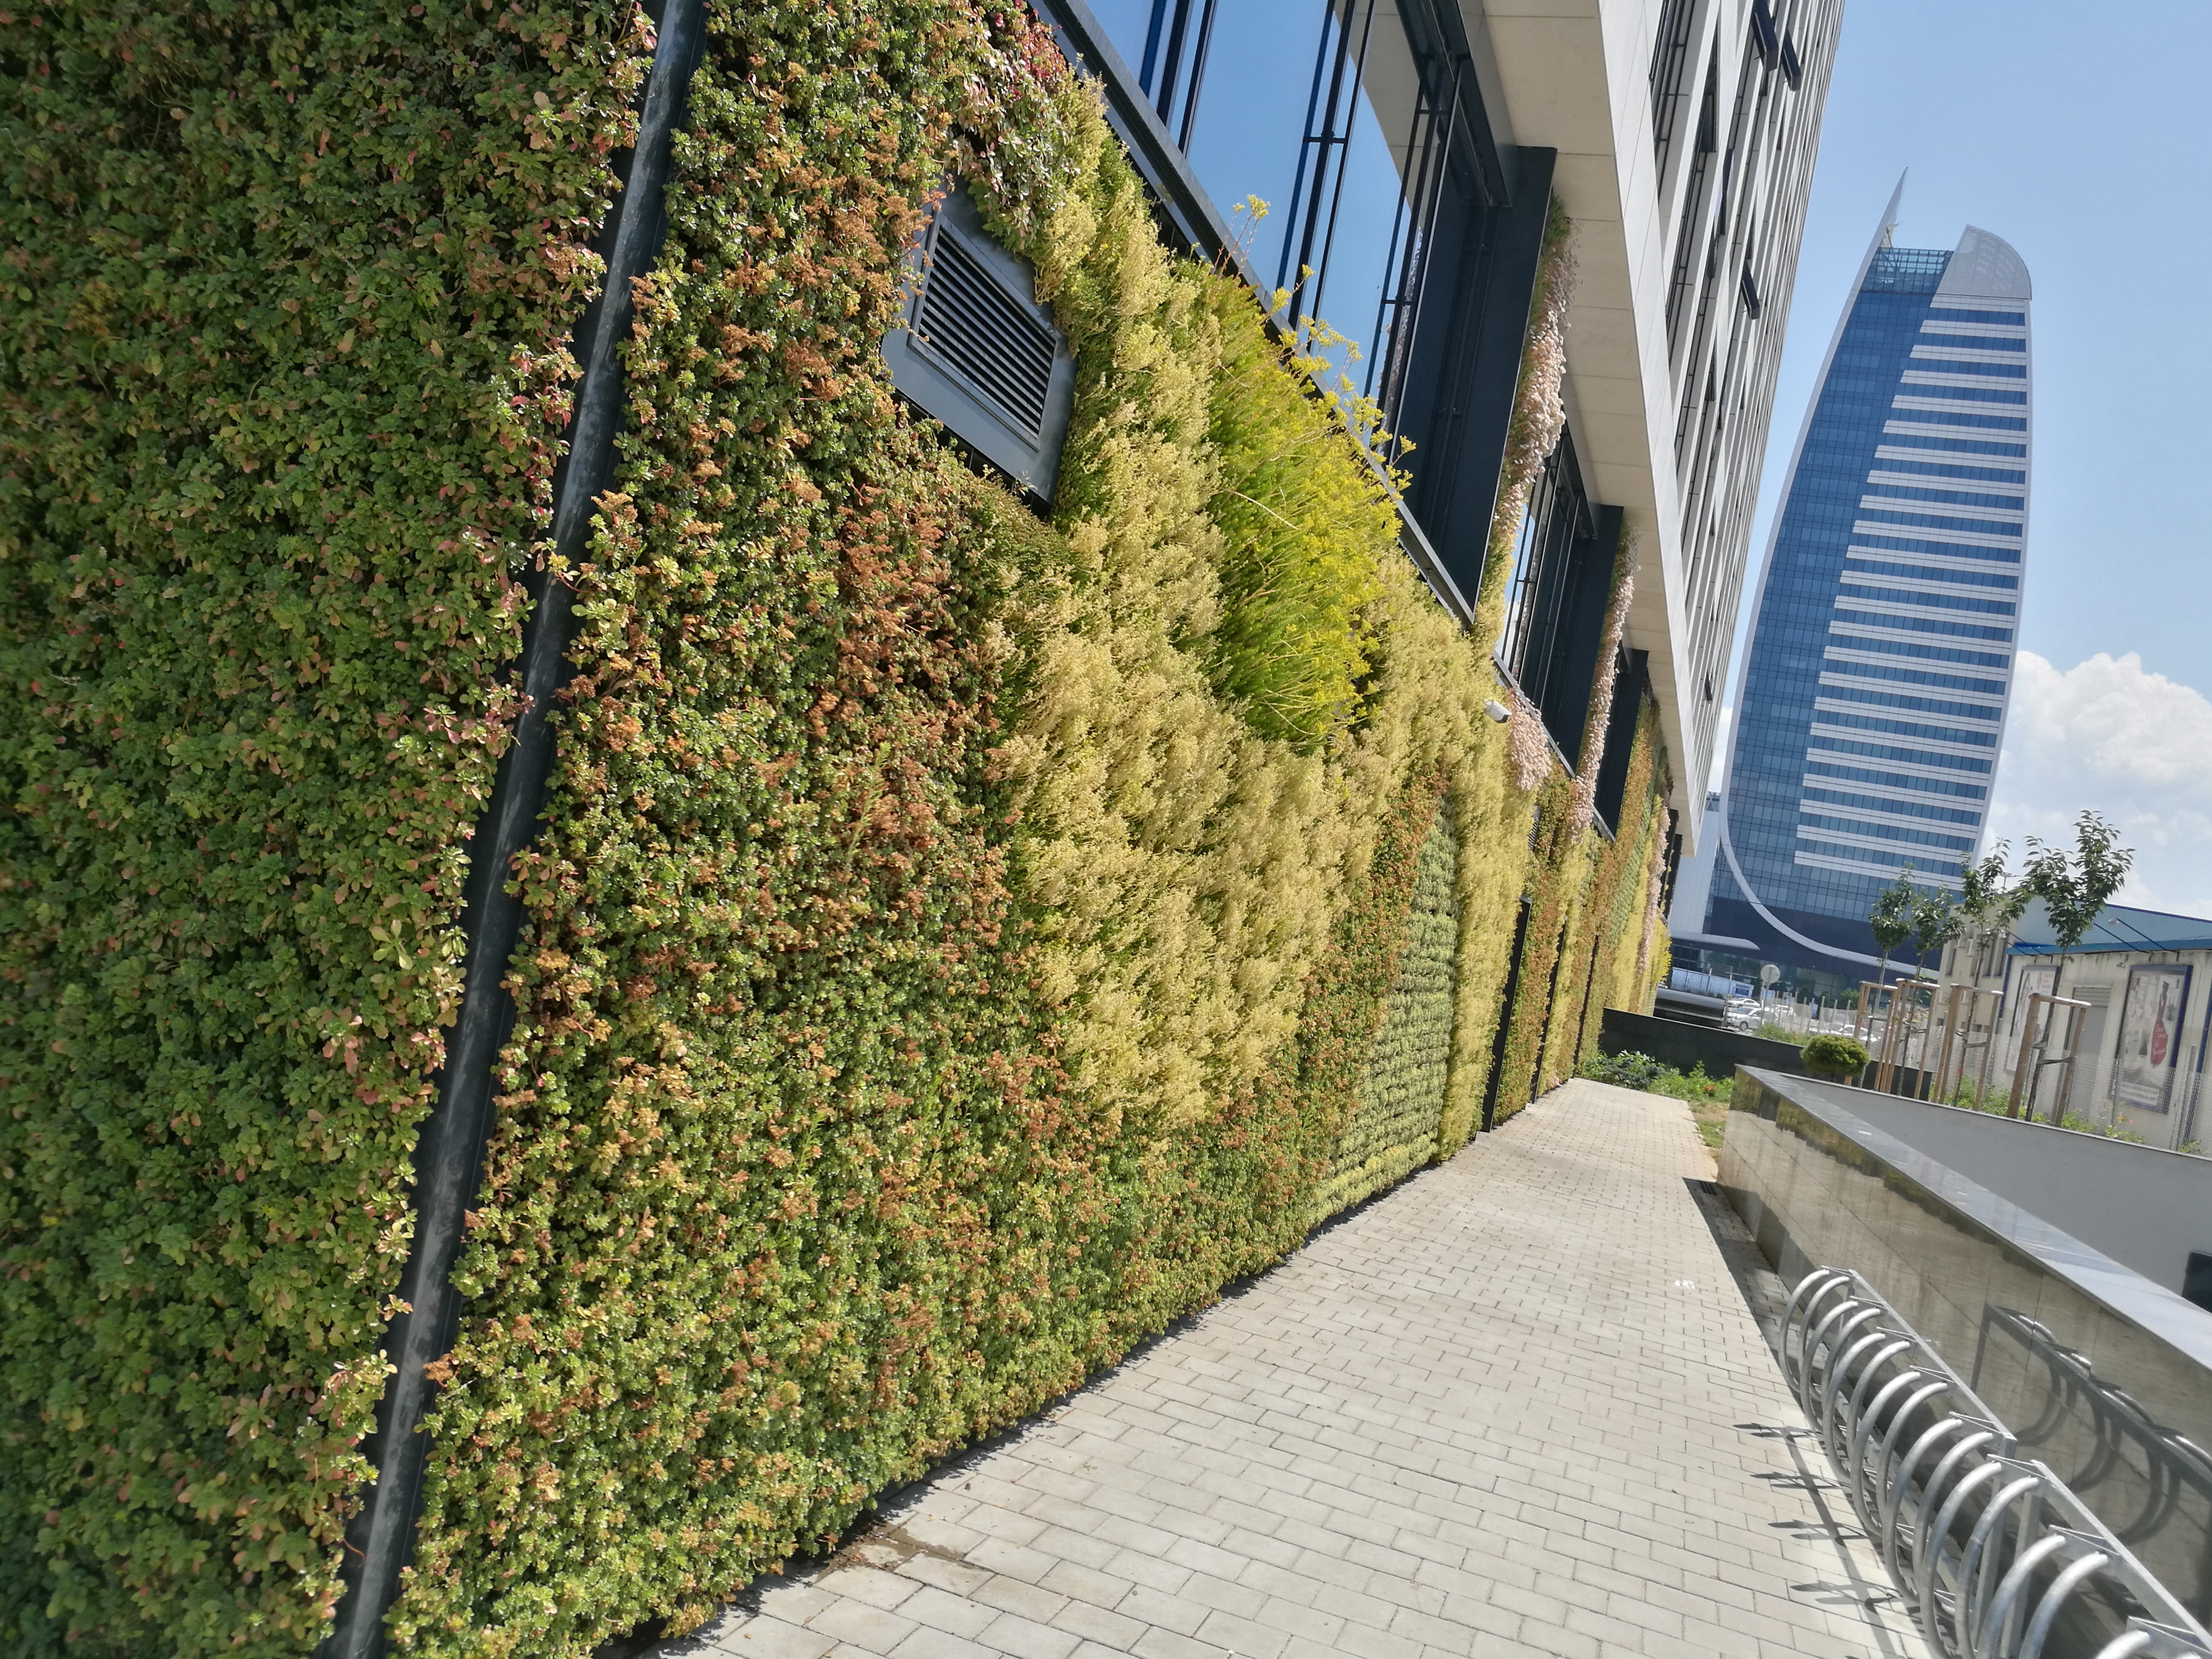 Vertical garden project BGreenwall